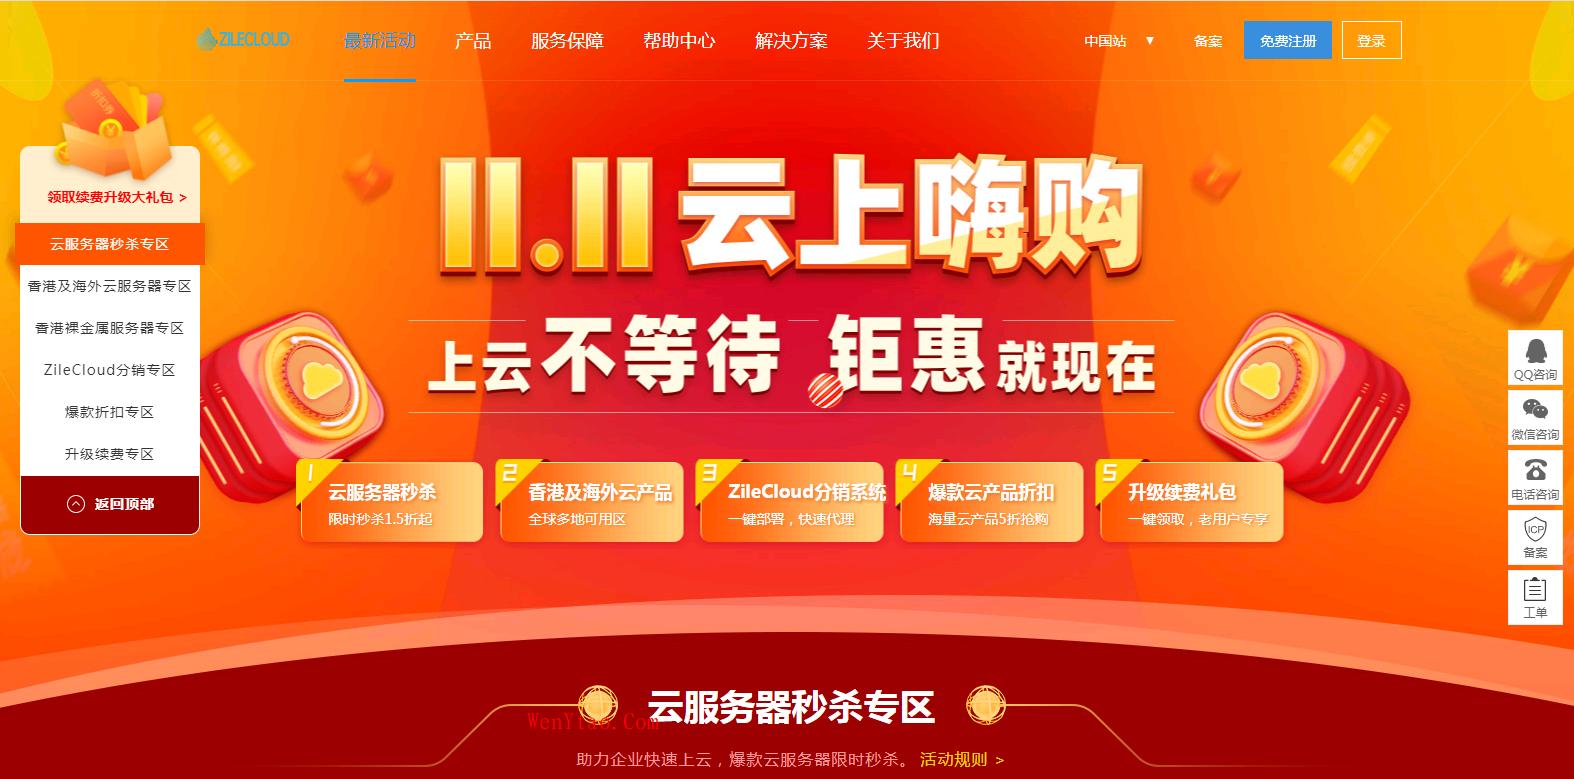 ZileCloud云计算双十一多线路香港服务器CN2,BGP 国内多节点任您选择 ZileCloud ZileCloud云计算 ZileCloud怎么样 香港CN2线路 香港BGP 第1张